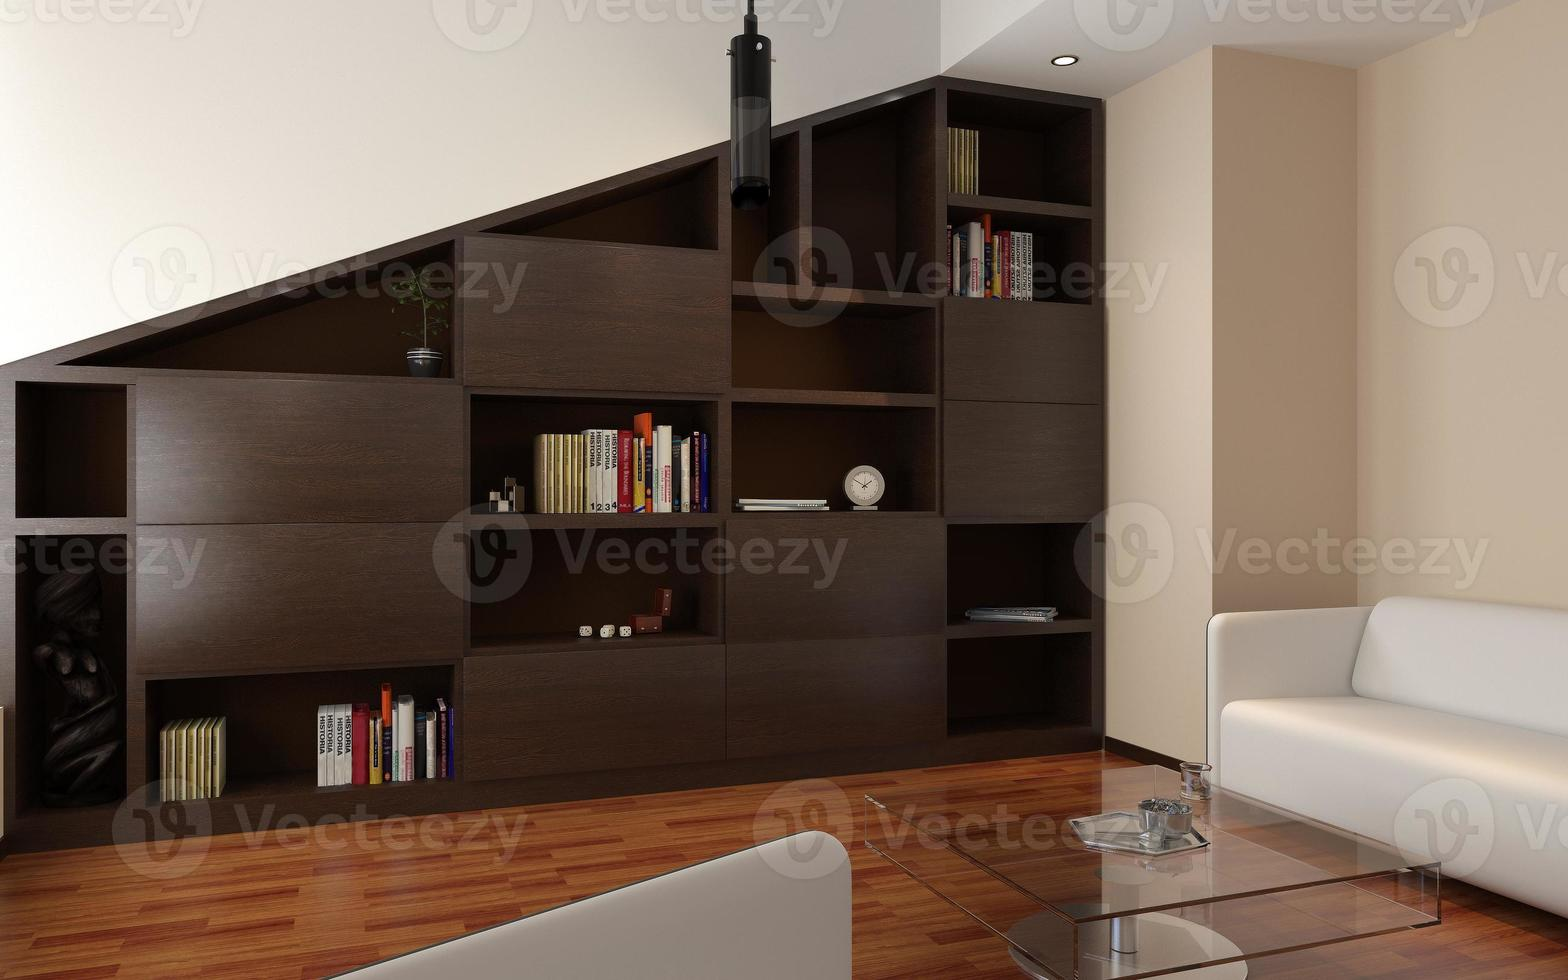 rendu du salon de l'appartement avec bibliothèque photo